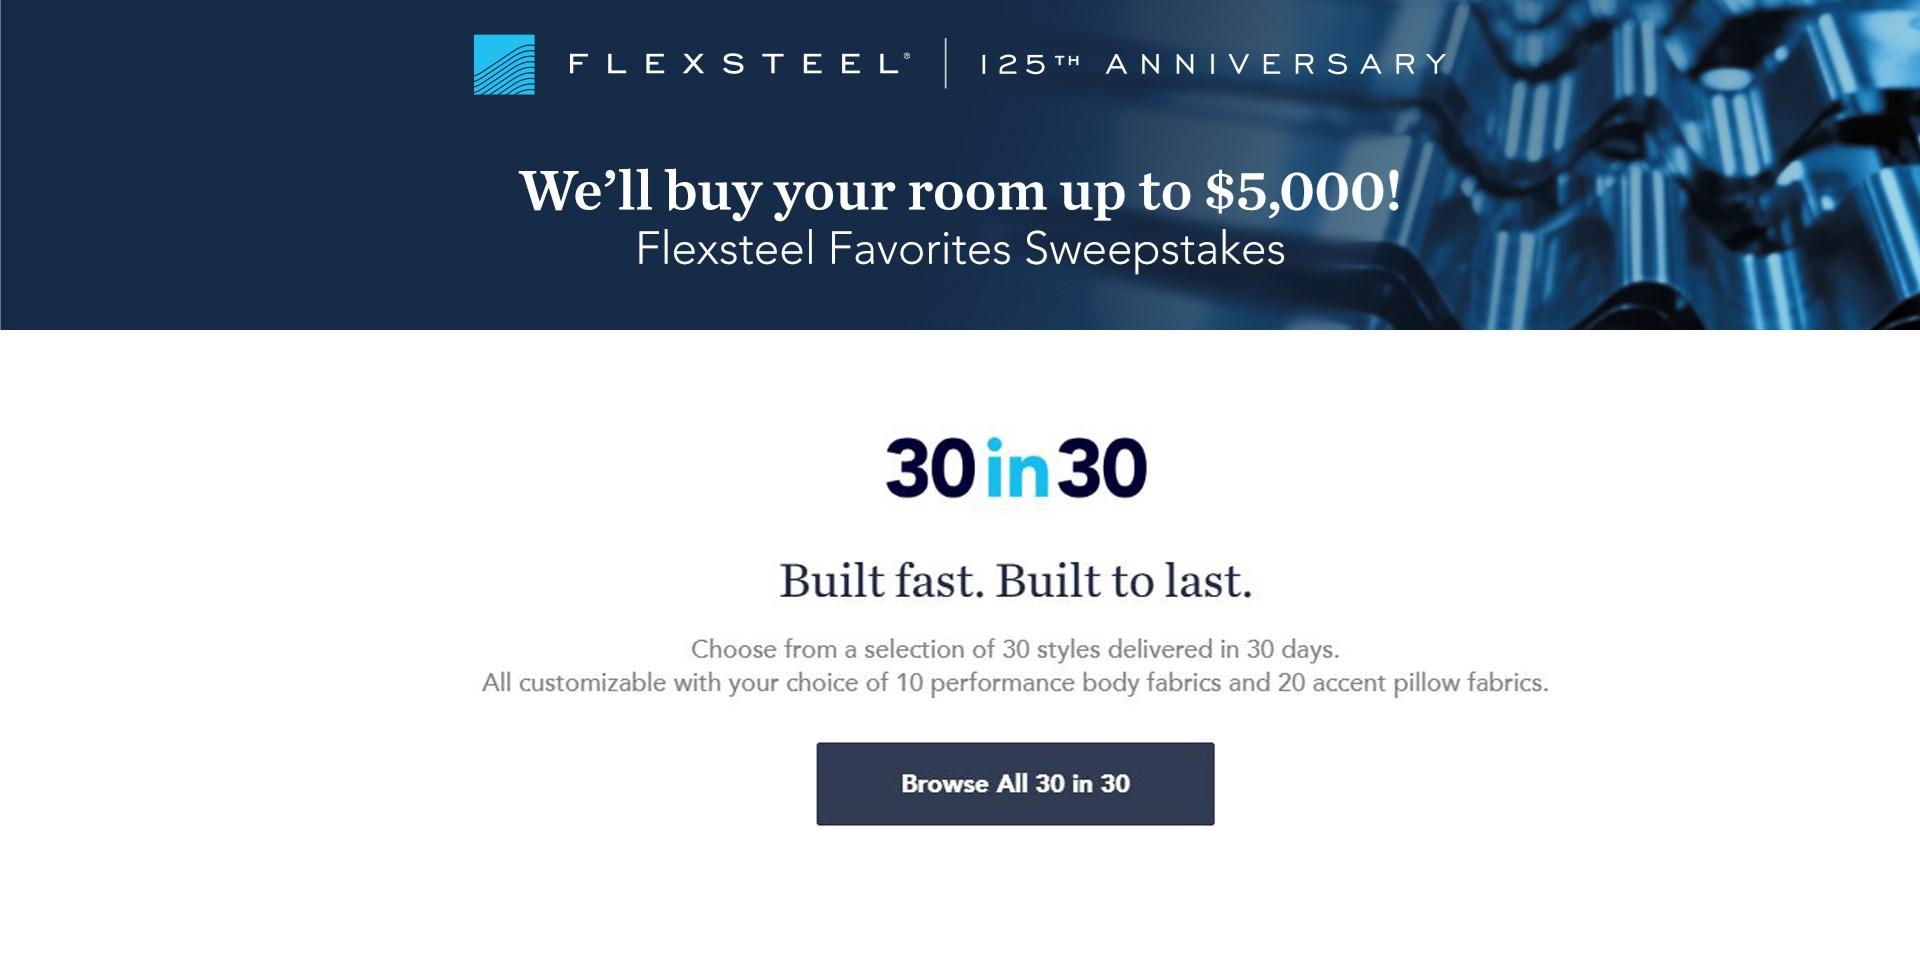 Flexsteel Sweepstakes